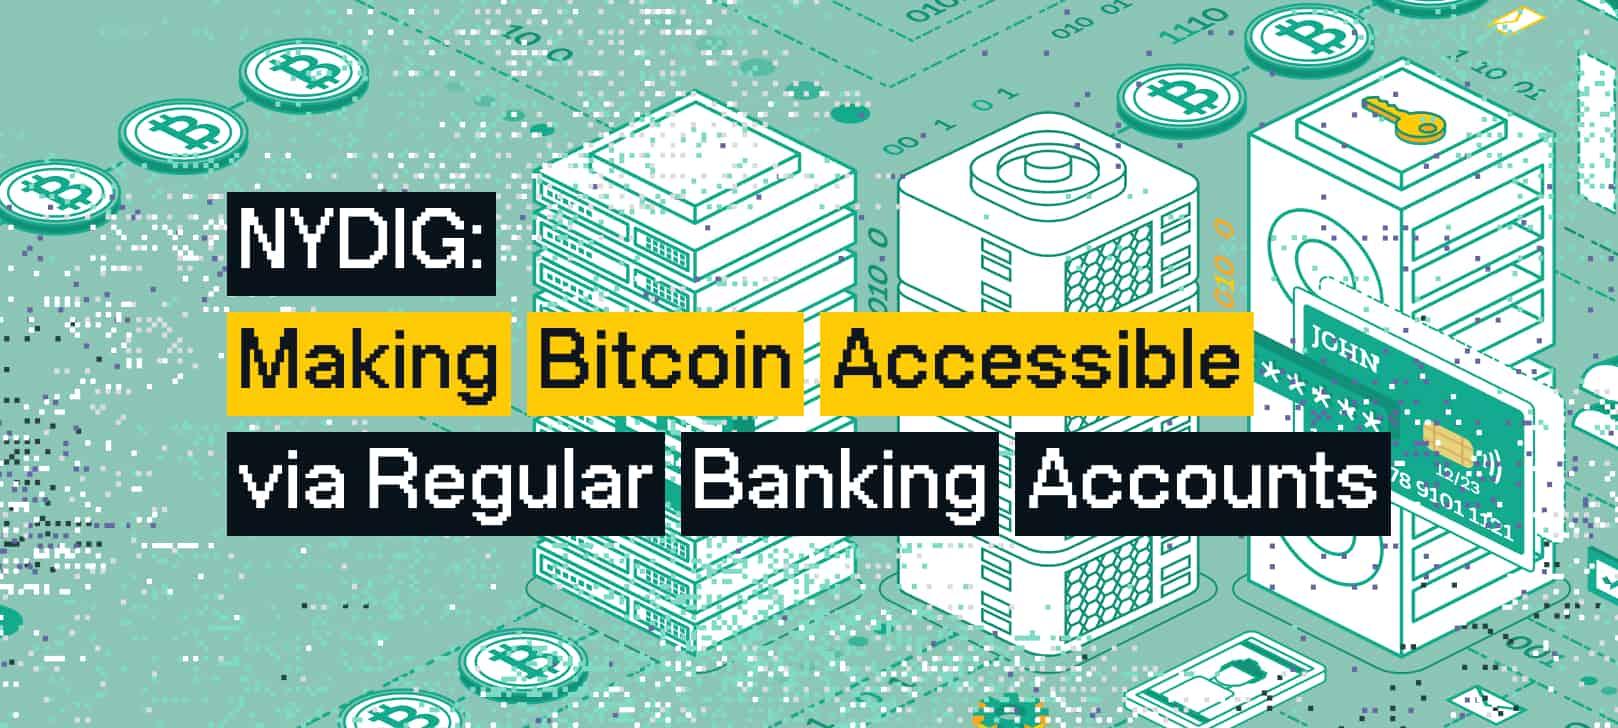 NYDIG: Making Bitcoin Accessible via Regular Banking Accounts